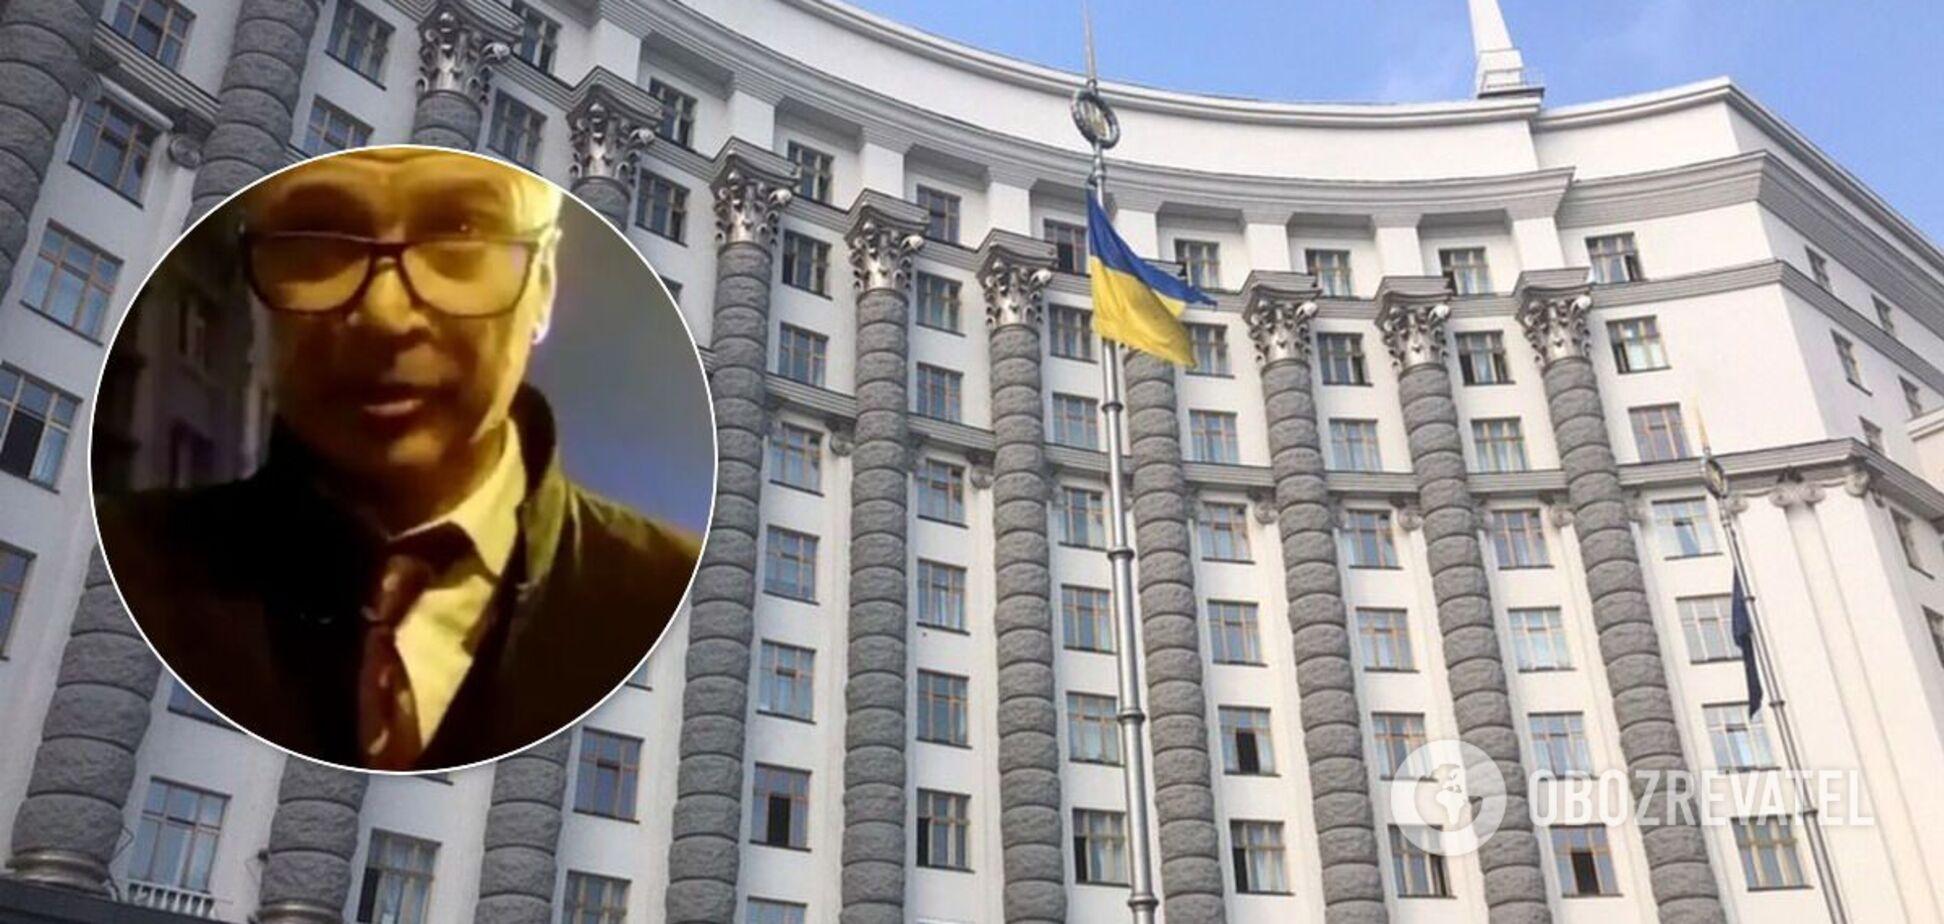 Кабмін звільнив заступника міністра Уруського, який їздив п'яний за кермом: Шмигаль відреагував на публікацію OBOZREVATEL